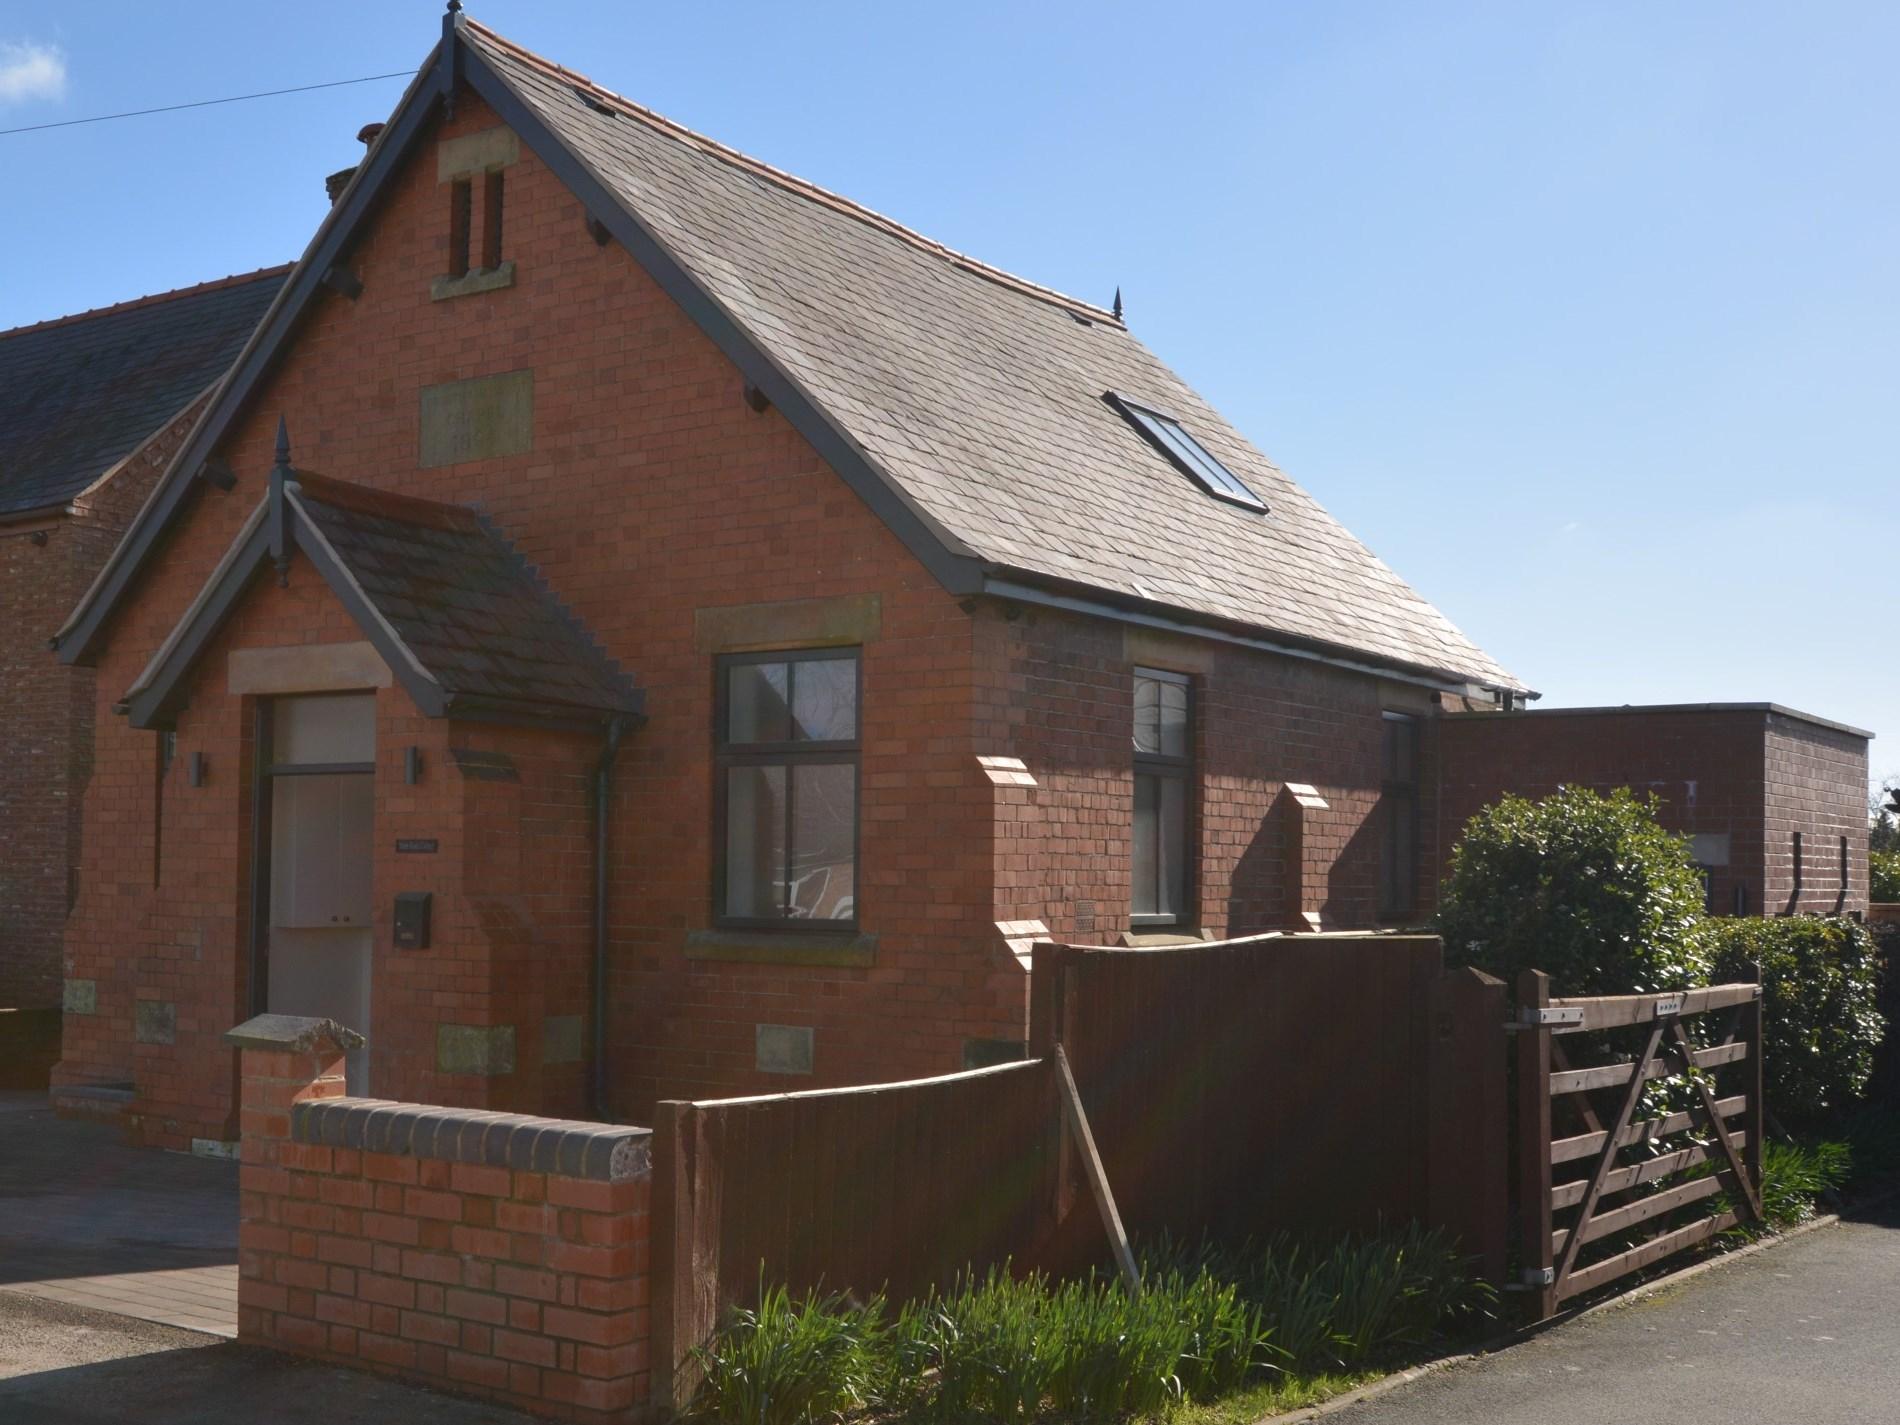 2 Bedroom Cottage in Ellesmere, Heart of England